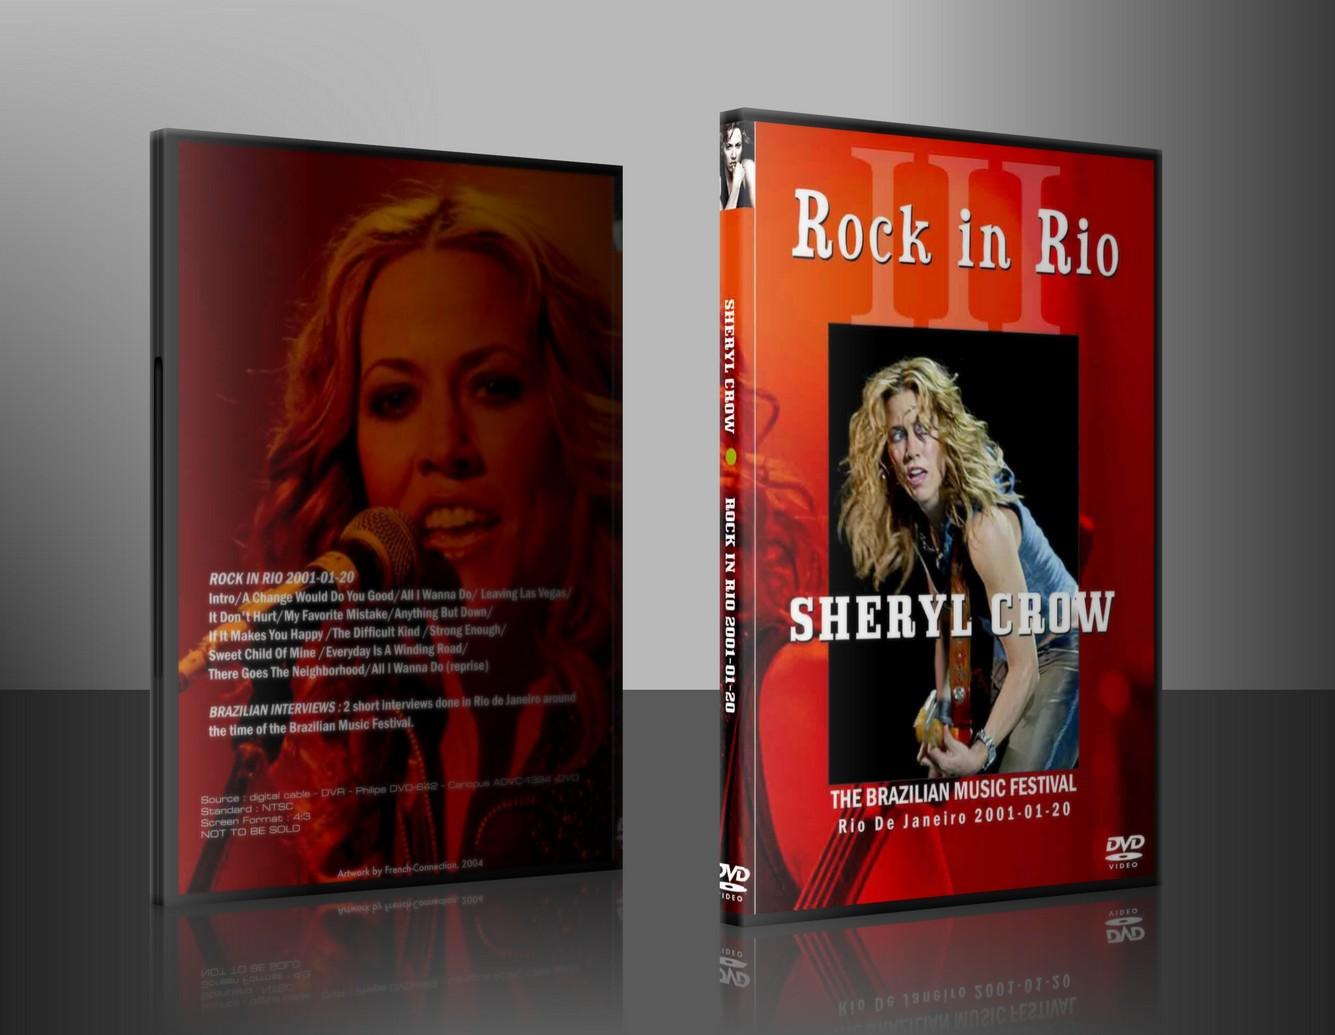 http://4.bp.blogspot.com/-hhF0q-WWFs4/T-2AqQa7aBI/AAAAAAAAGgY/eCpJtM9RH74/s1600/DVD+Cover+For+Show+-+Sheryl+Crow+-+2001-01-20+-+Rio+de+Janeiro%252C+Brazil++%255BDVD%255D.jpg